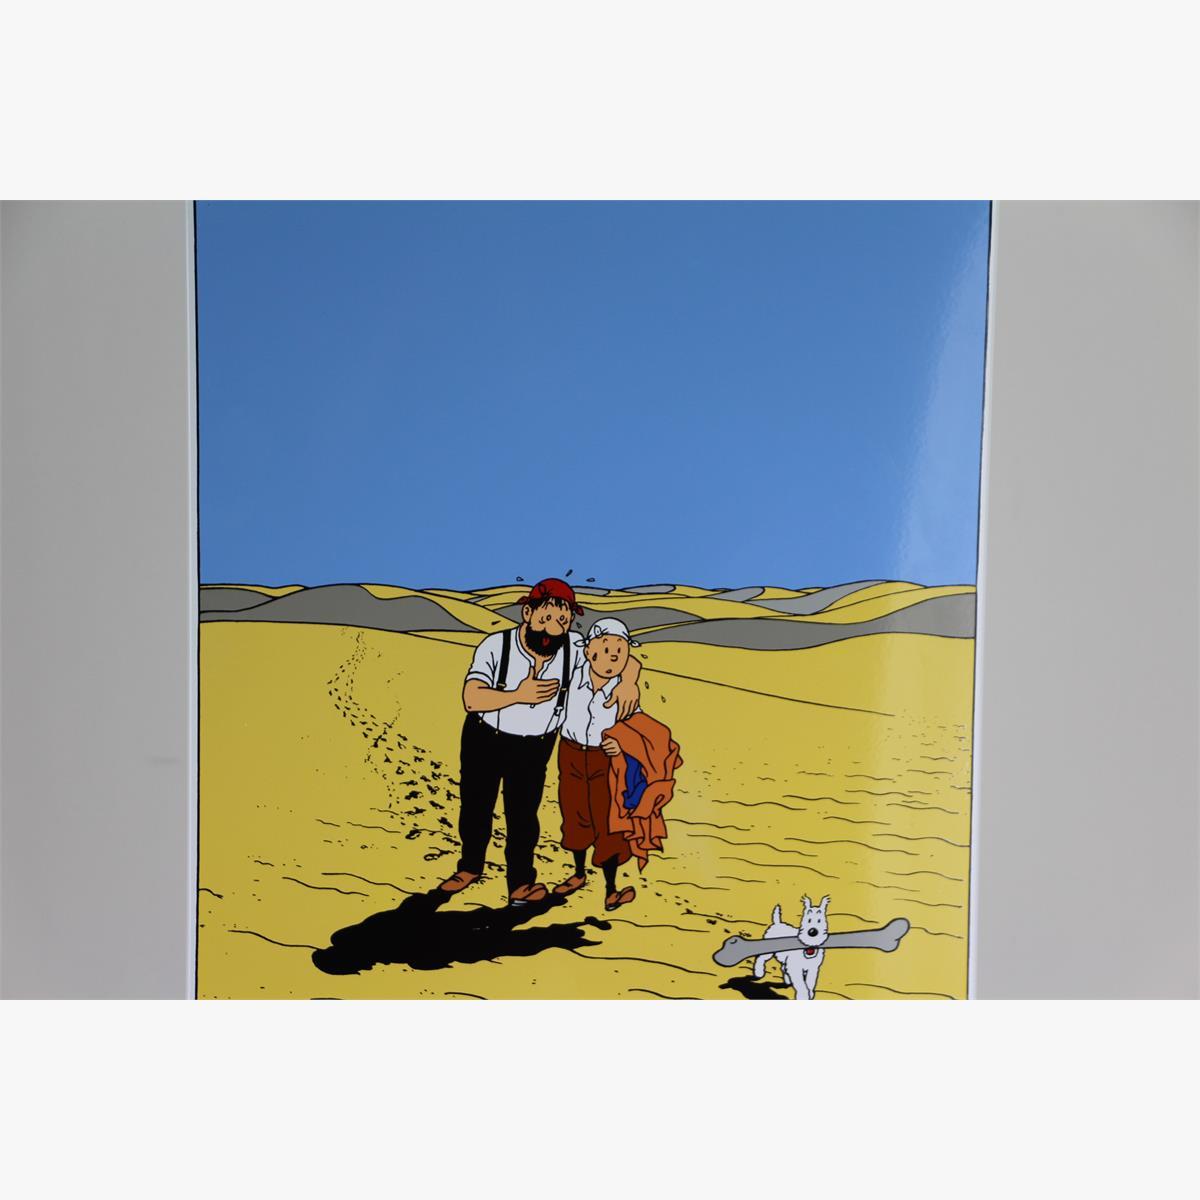 Afbeeldingen van emaille bord kuifje  in de woestijn oplage 70 ex 1991 ''uit de krab met de gulden scharen ''plaque émaillée tintin haddock et milou traversant le pays de la soif  70 ex 1991